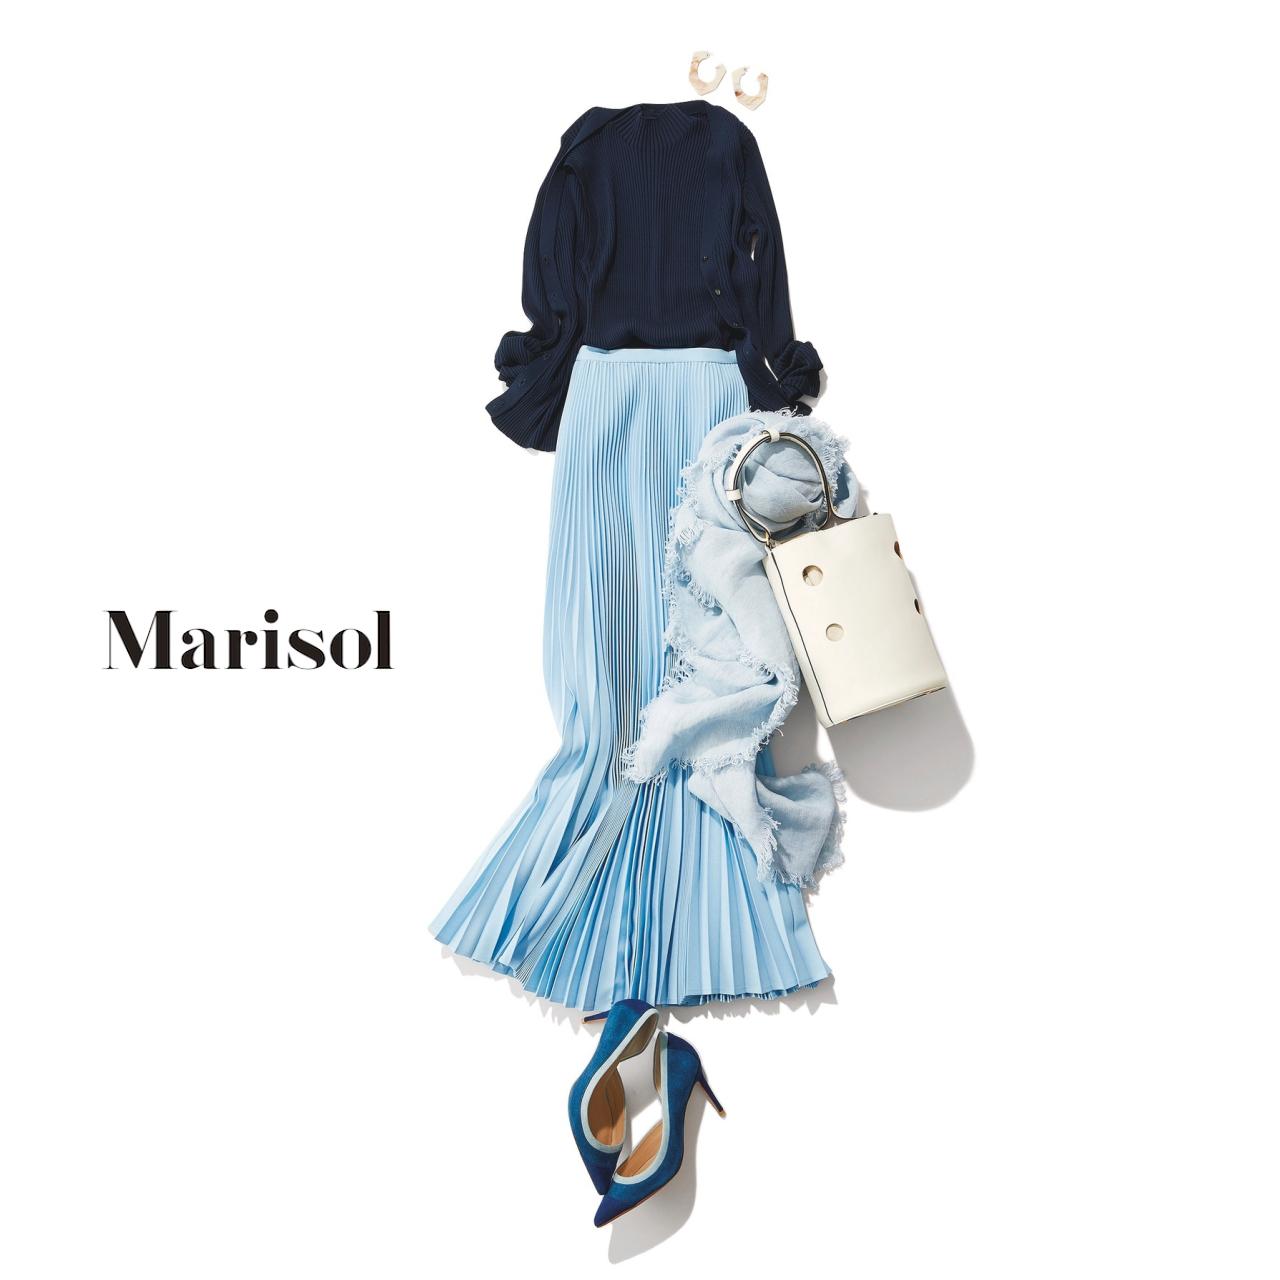 40代ファッション ネイビーツインニット×サックスブループリーツスカートコーデ